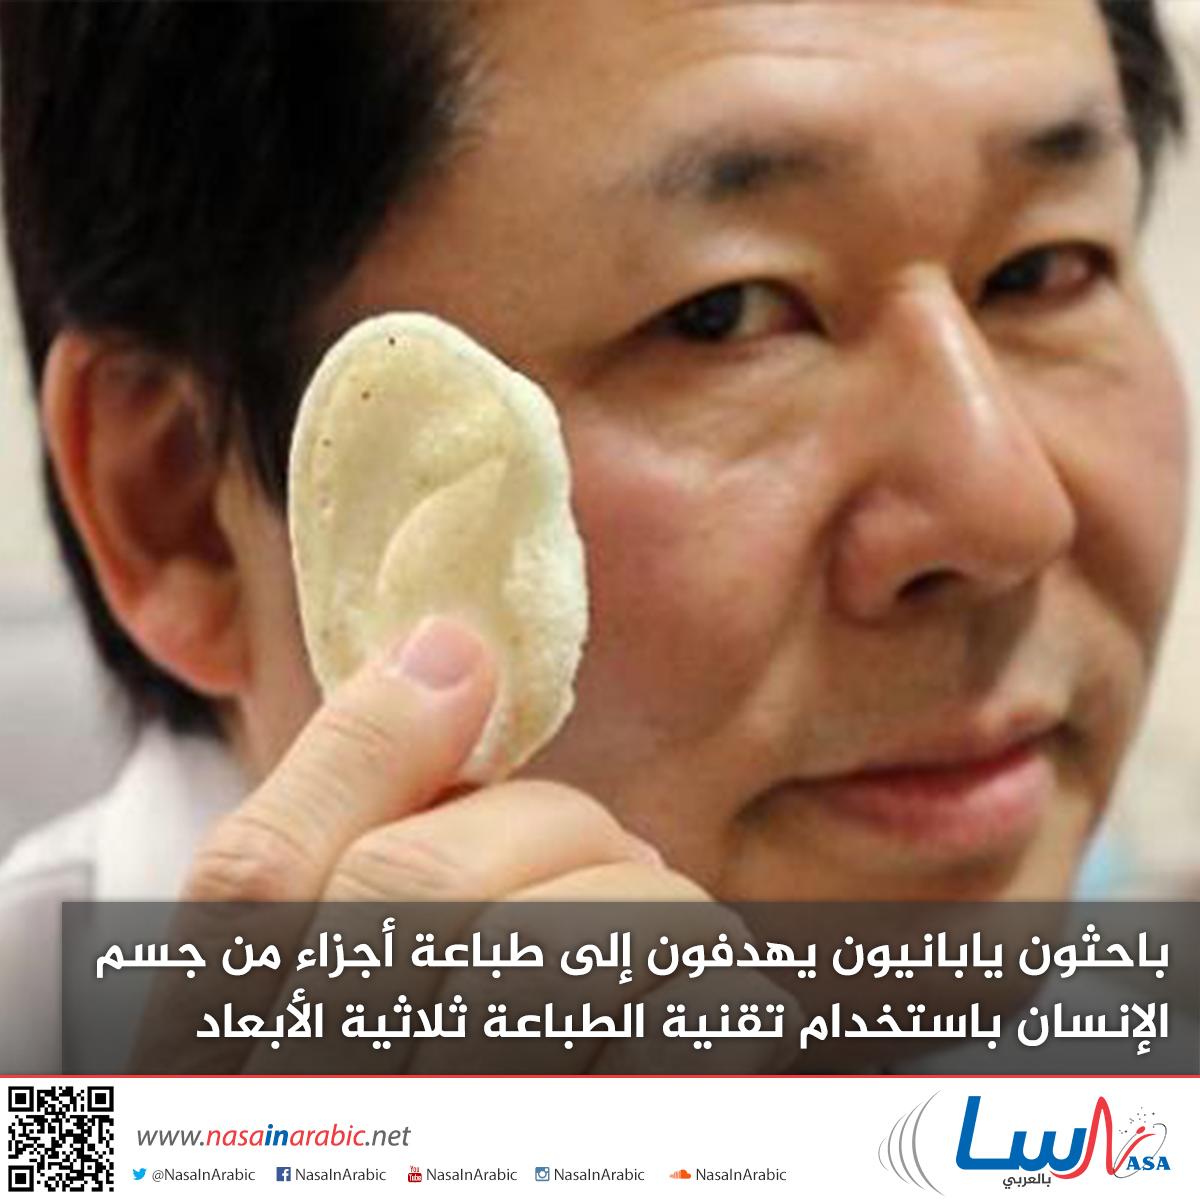 باحثون يابانيون يهدفون إلى طباعة أجزاء من جسم الإنسان باستخدام تقنية الطباعة ثلاثية الأبعاد